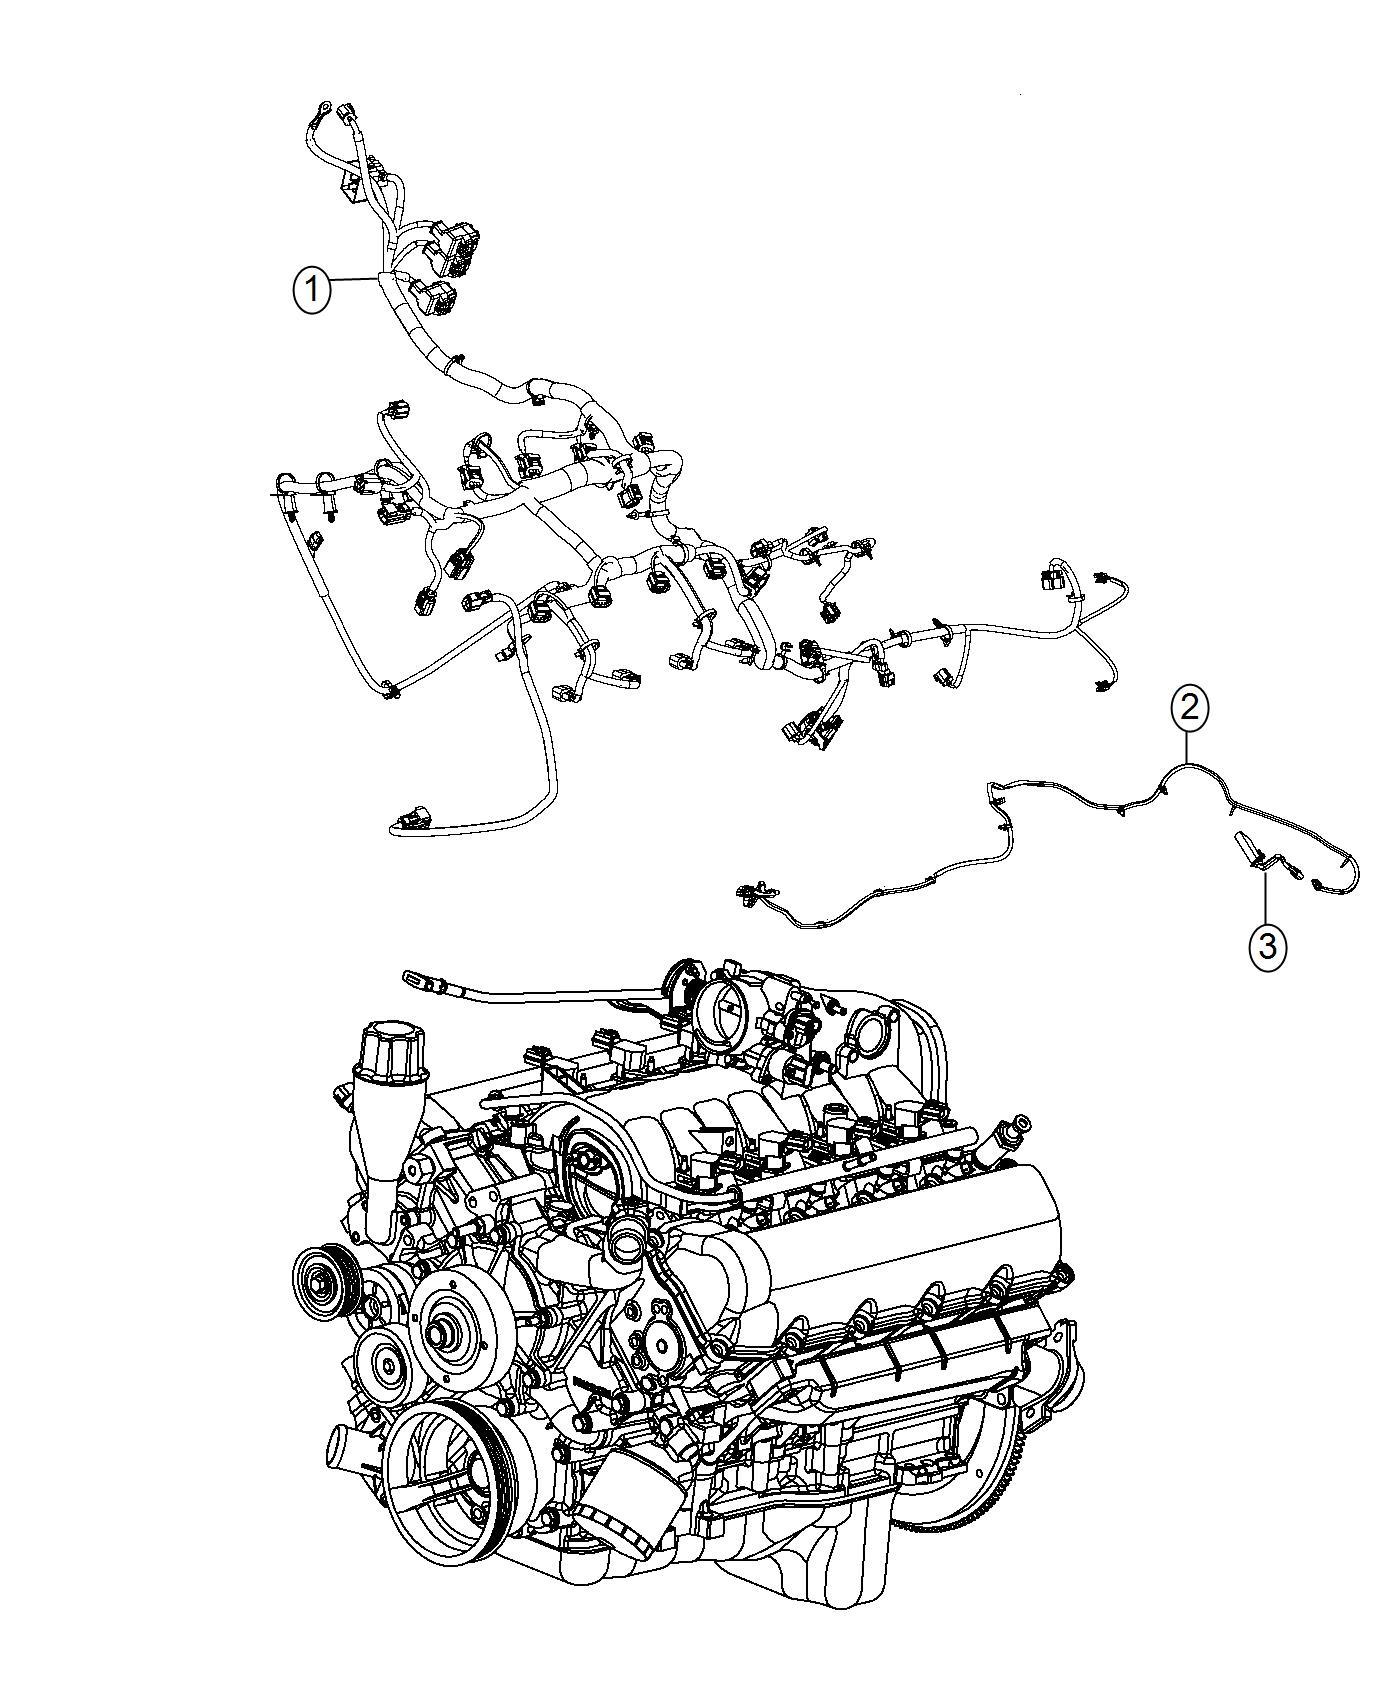 Ram Wiring Jumper Engine Mds Jumper Powertrain